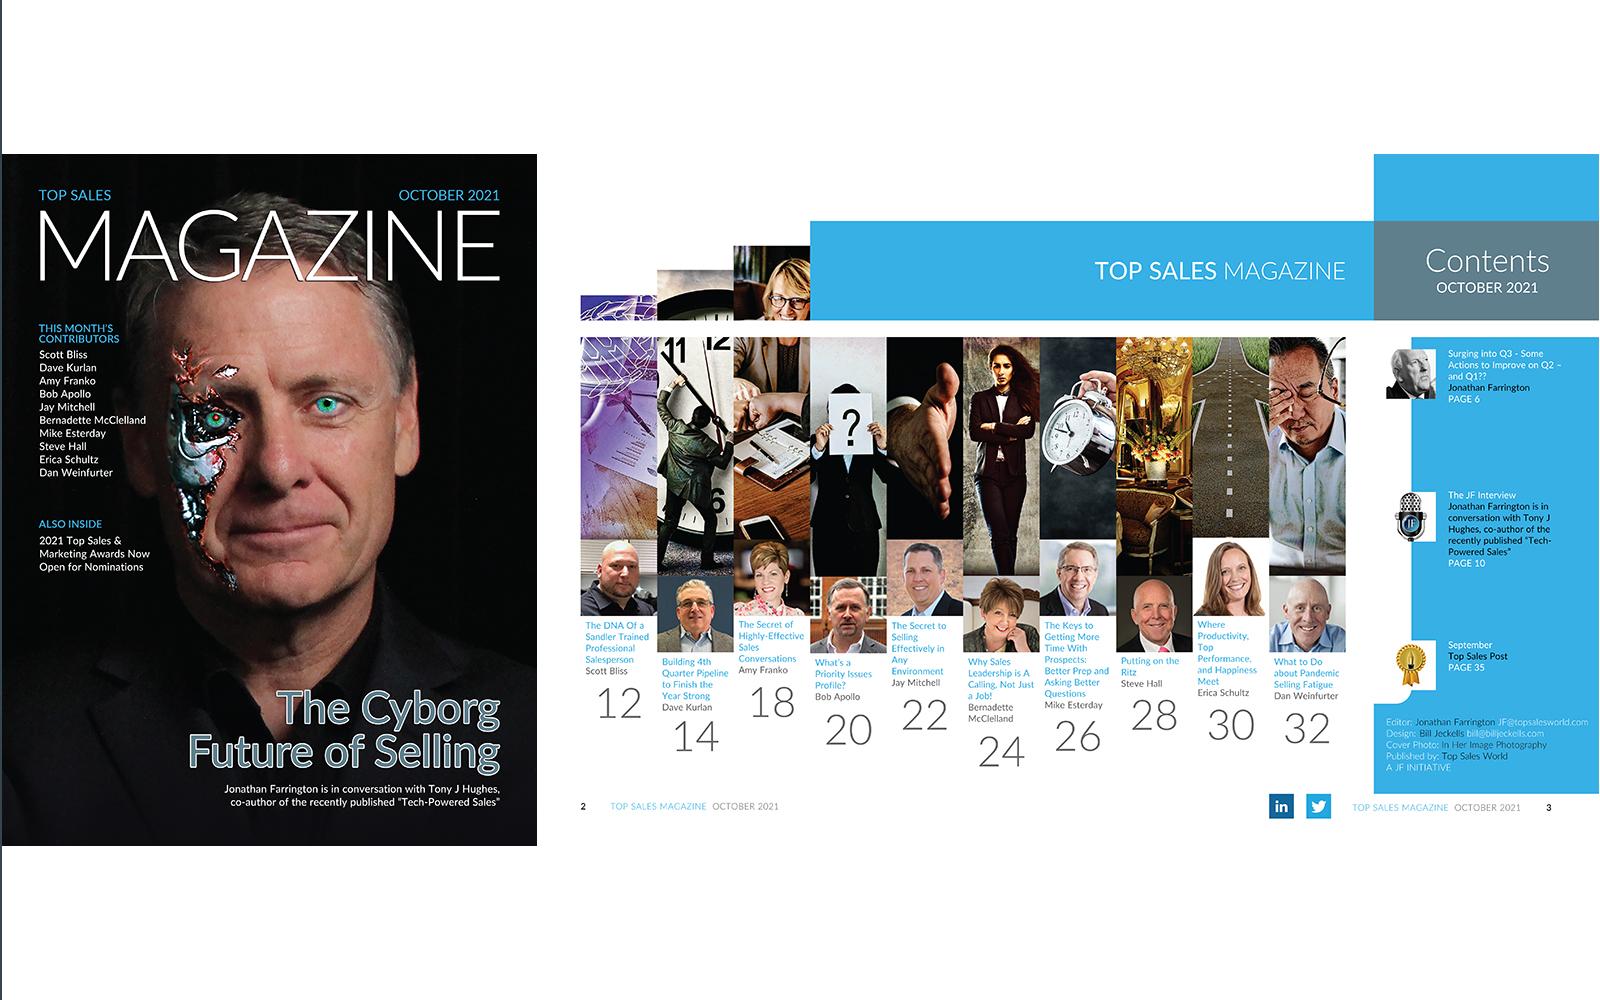 Top Sales Magazine October 2021